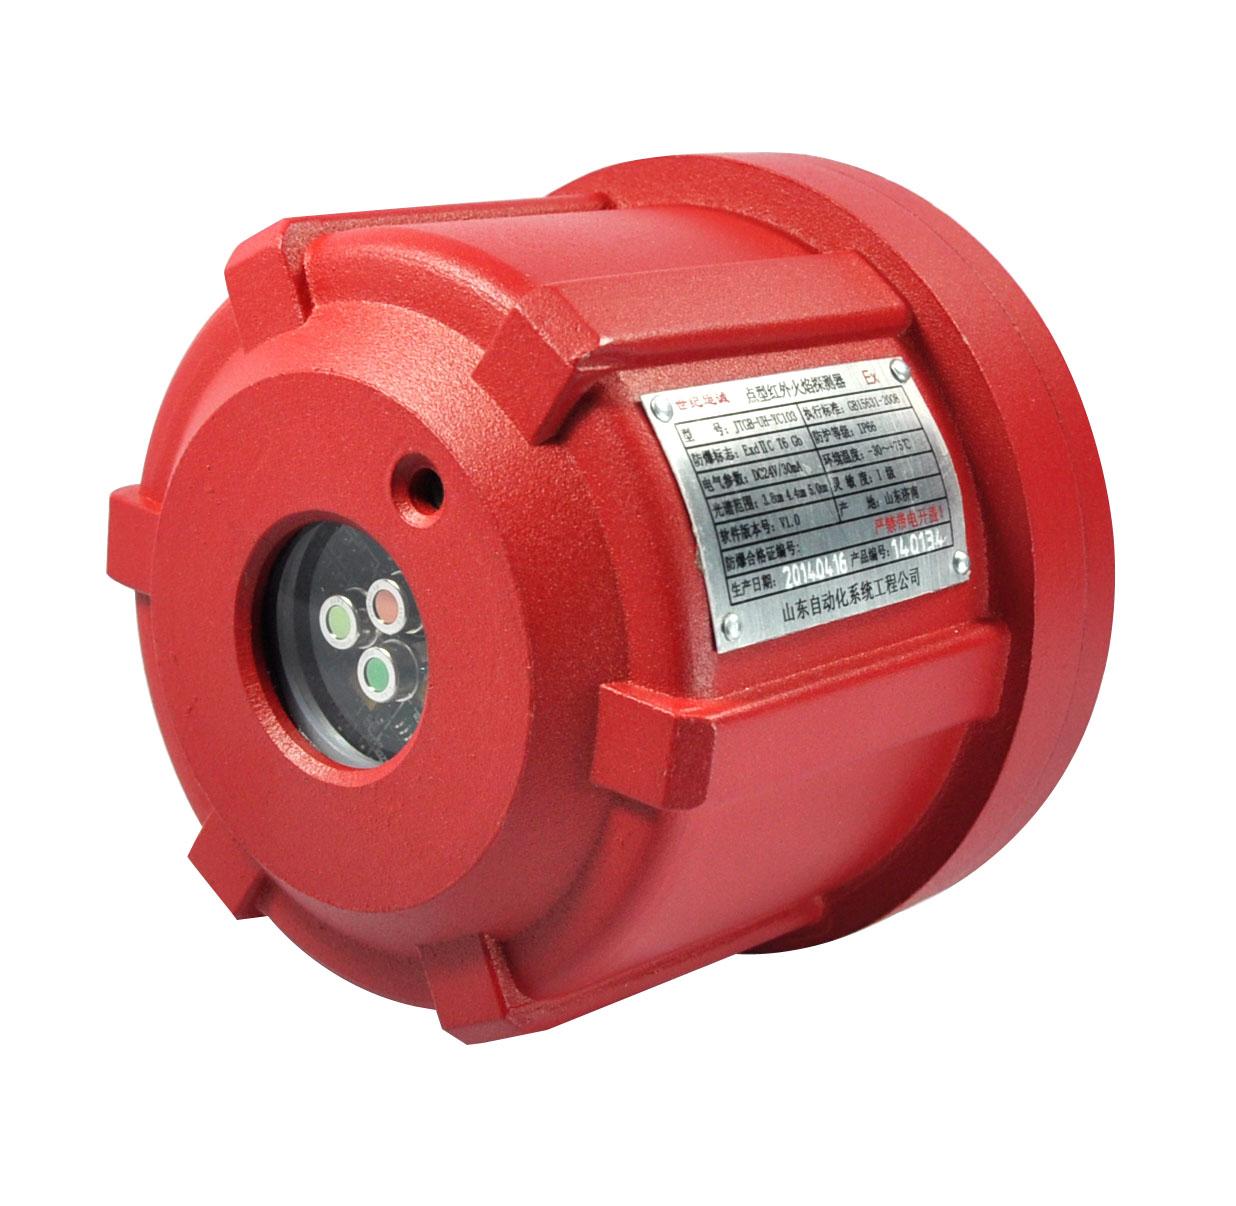 供应点型红外三波段火焰探测器(JTGB-UH-YC103)